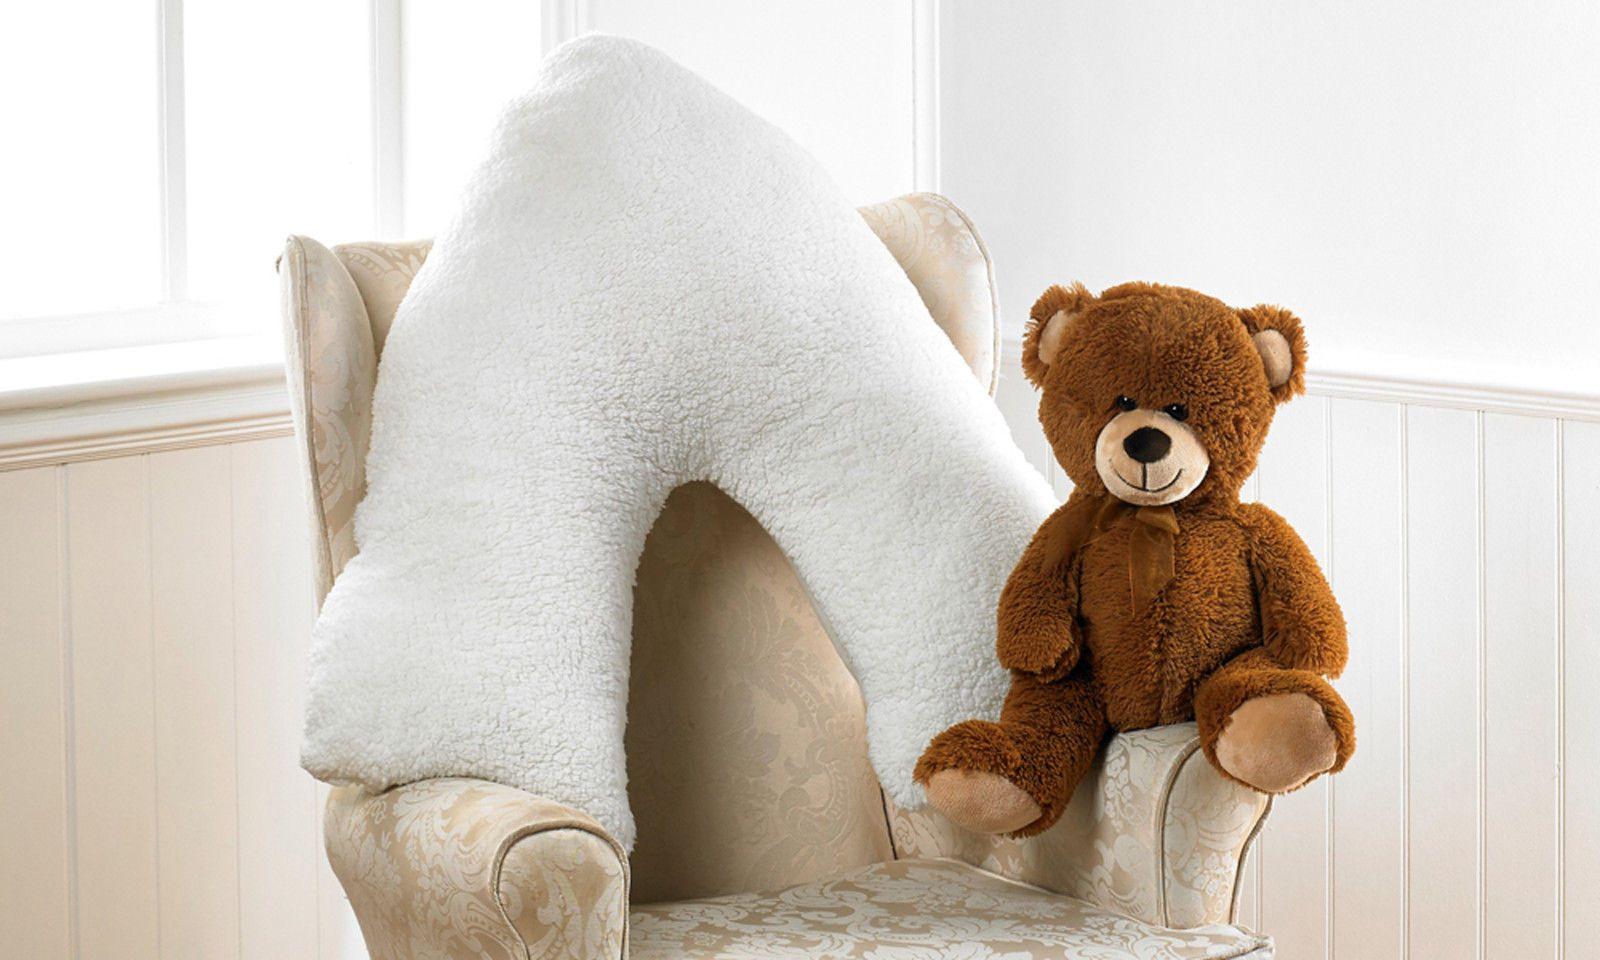 Luxury V Shaped Pillows Orthopaedic